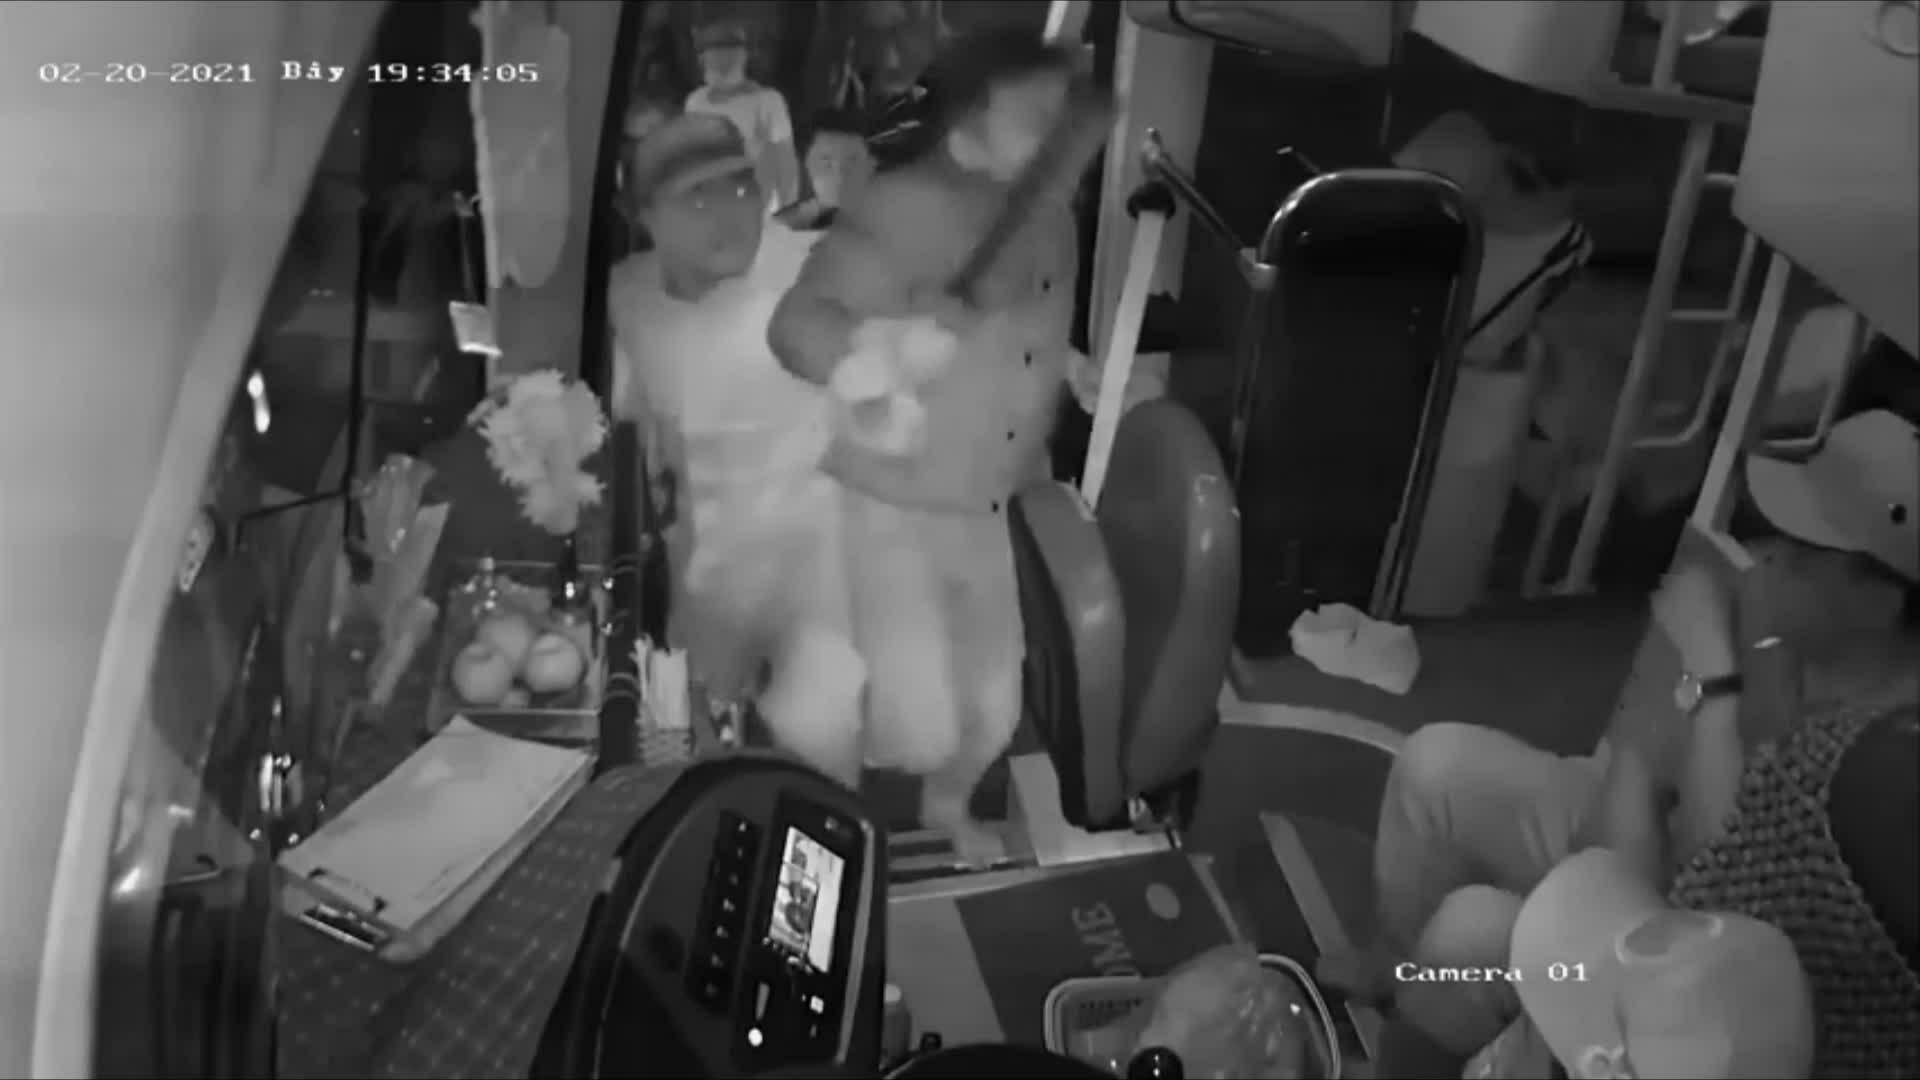 Giành khách, nhà xe dùng dao đánh người